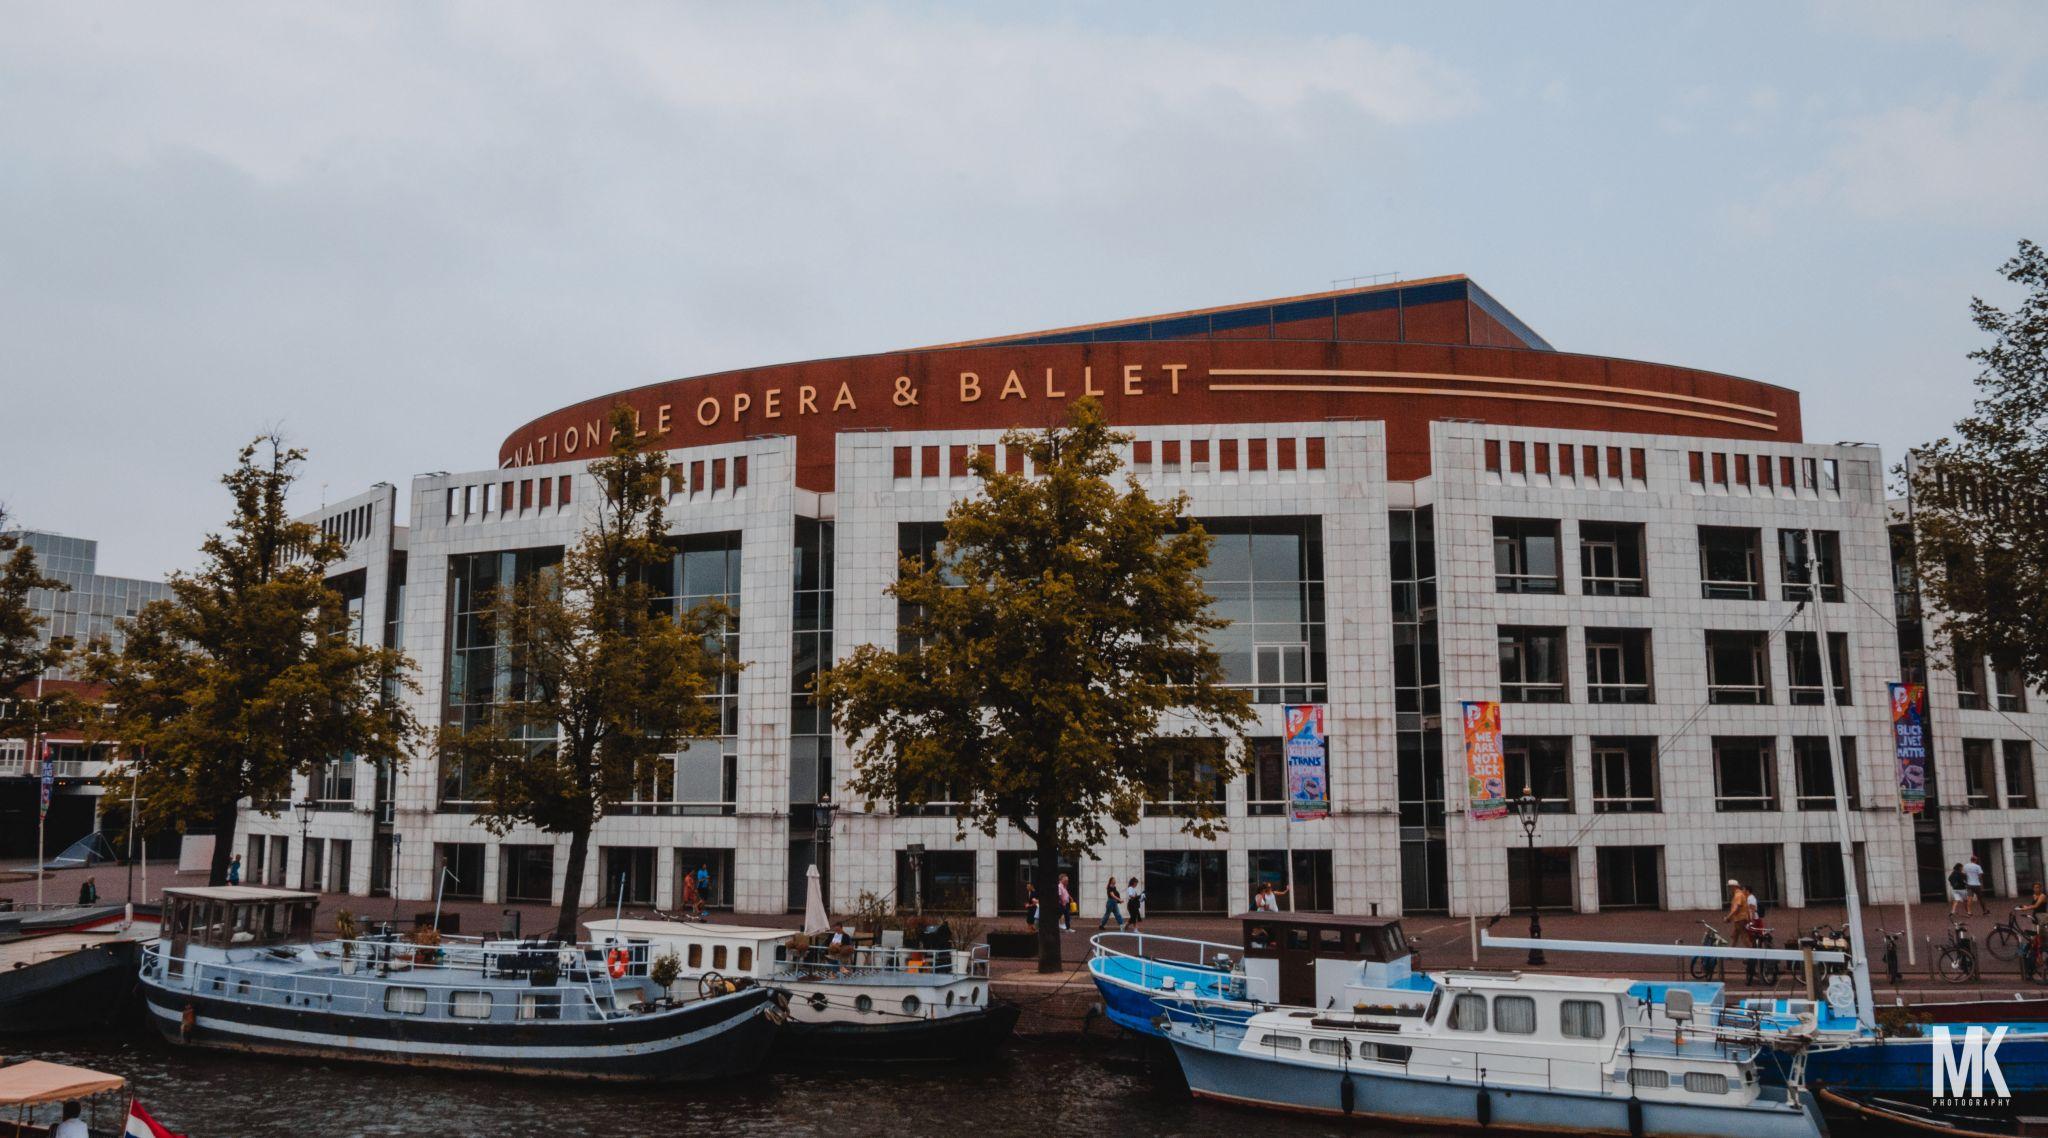 Nationale Opera & Ballet, Netherlands